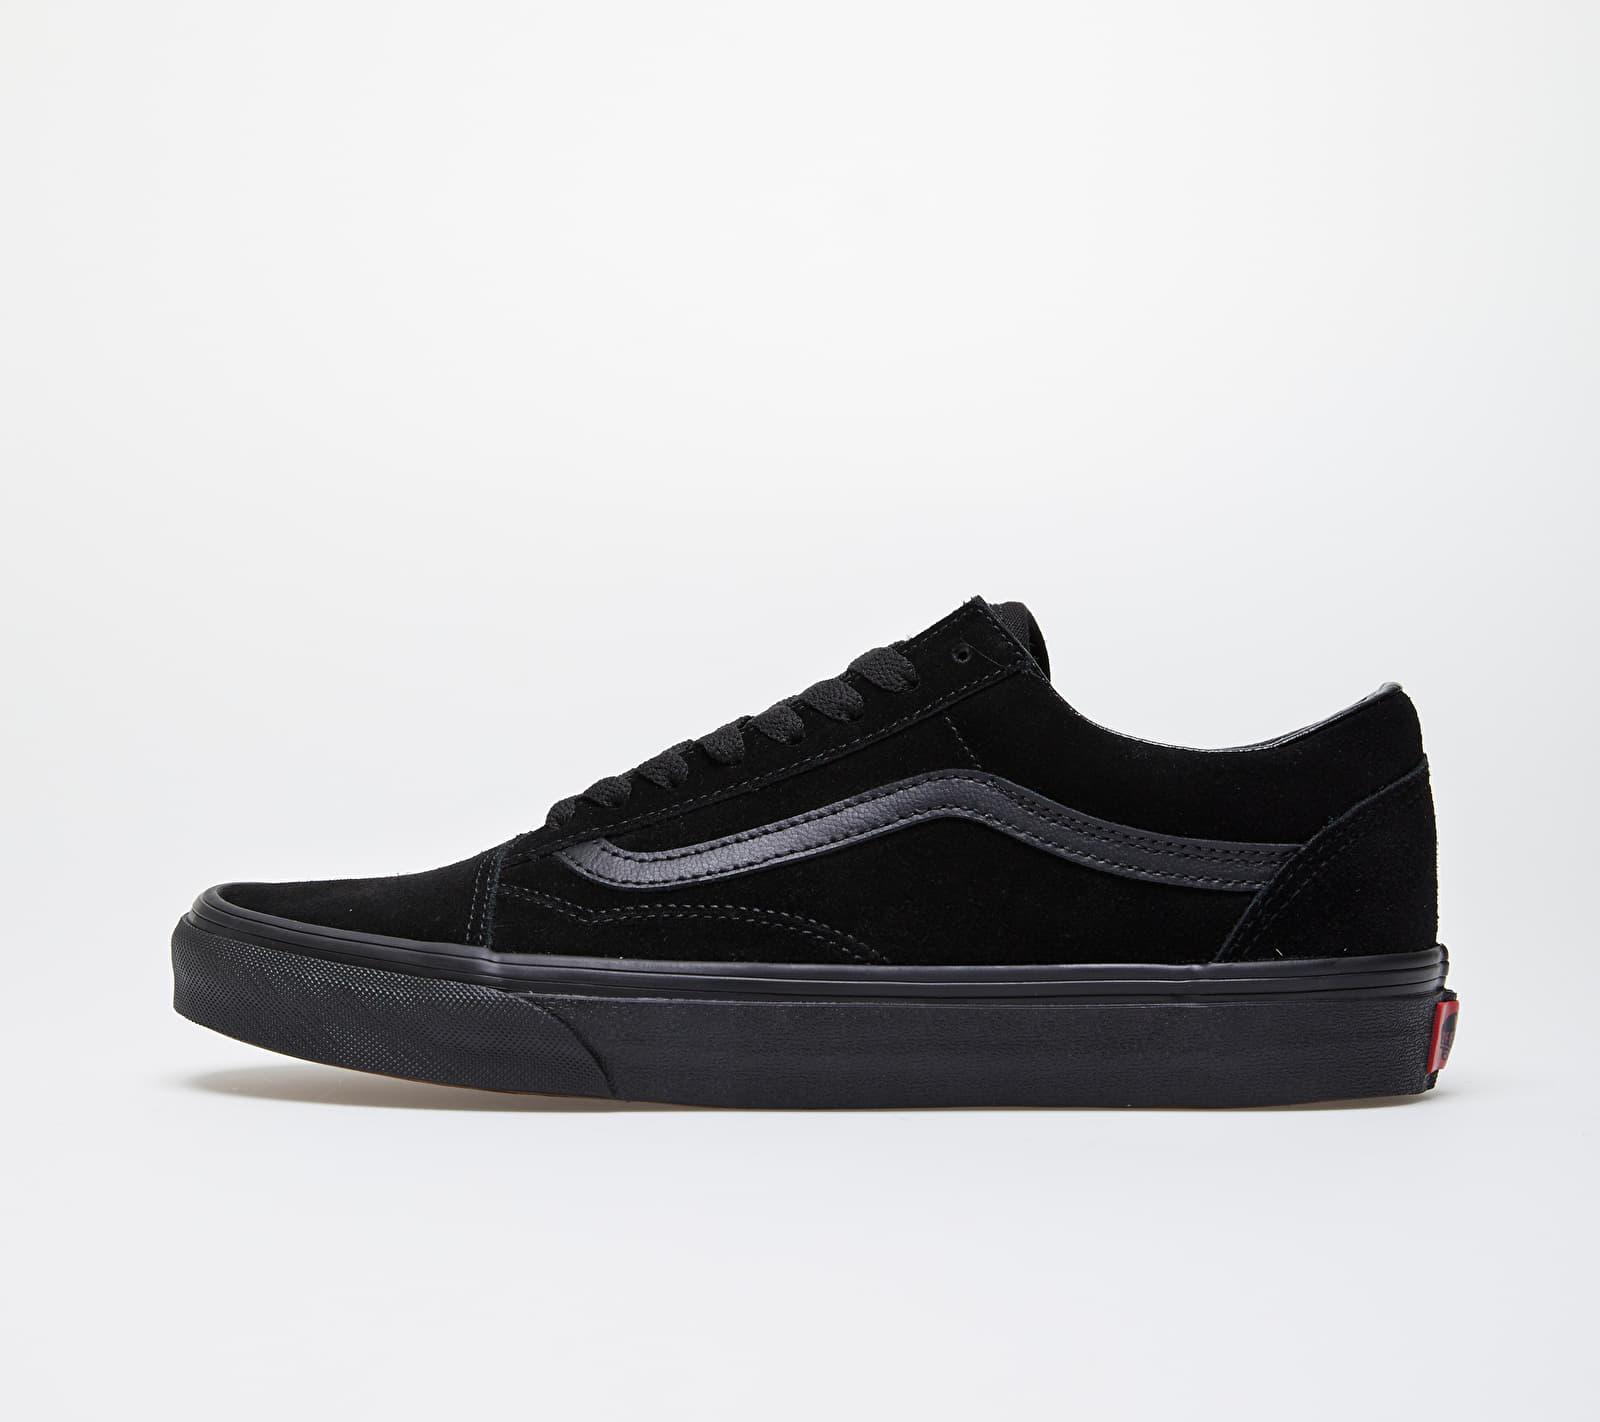 Vans Old Skool (Suede) Black/ Black/ Black EUR 35